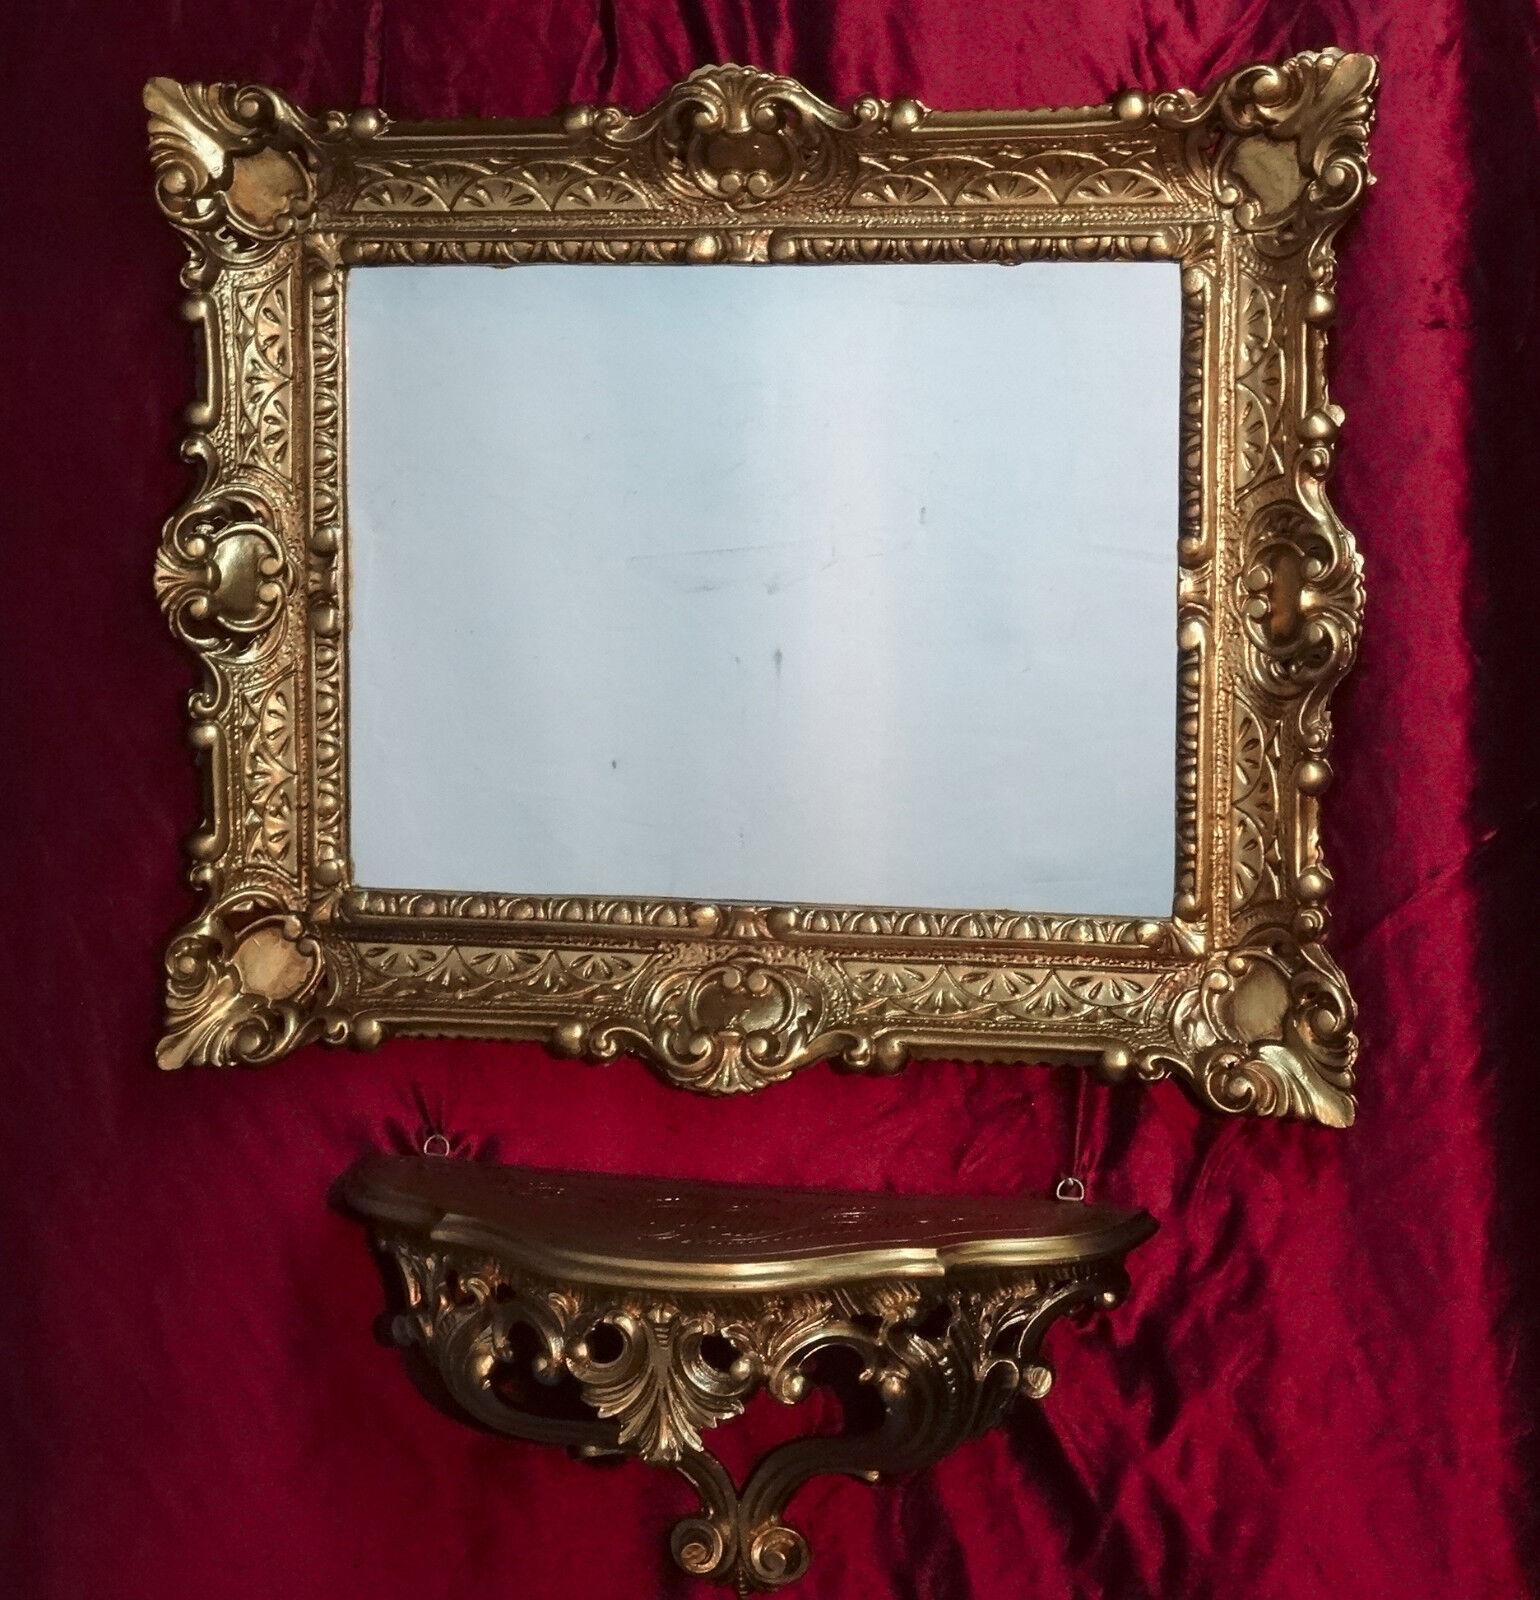 Miroir mural + DEPOSE console comme Jeu 2 2 Jeu pièces MIROIR ANTIQUE BAROQUE OR 56x46 2fead6